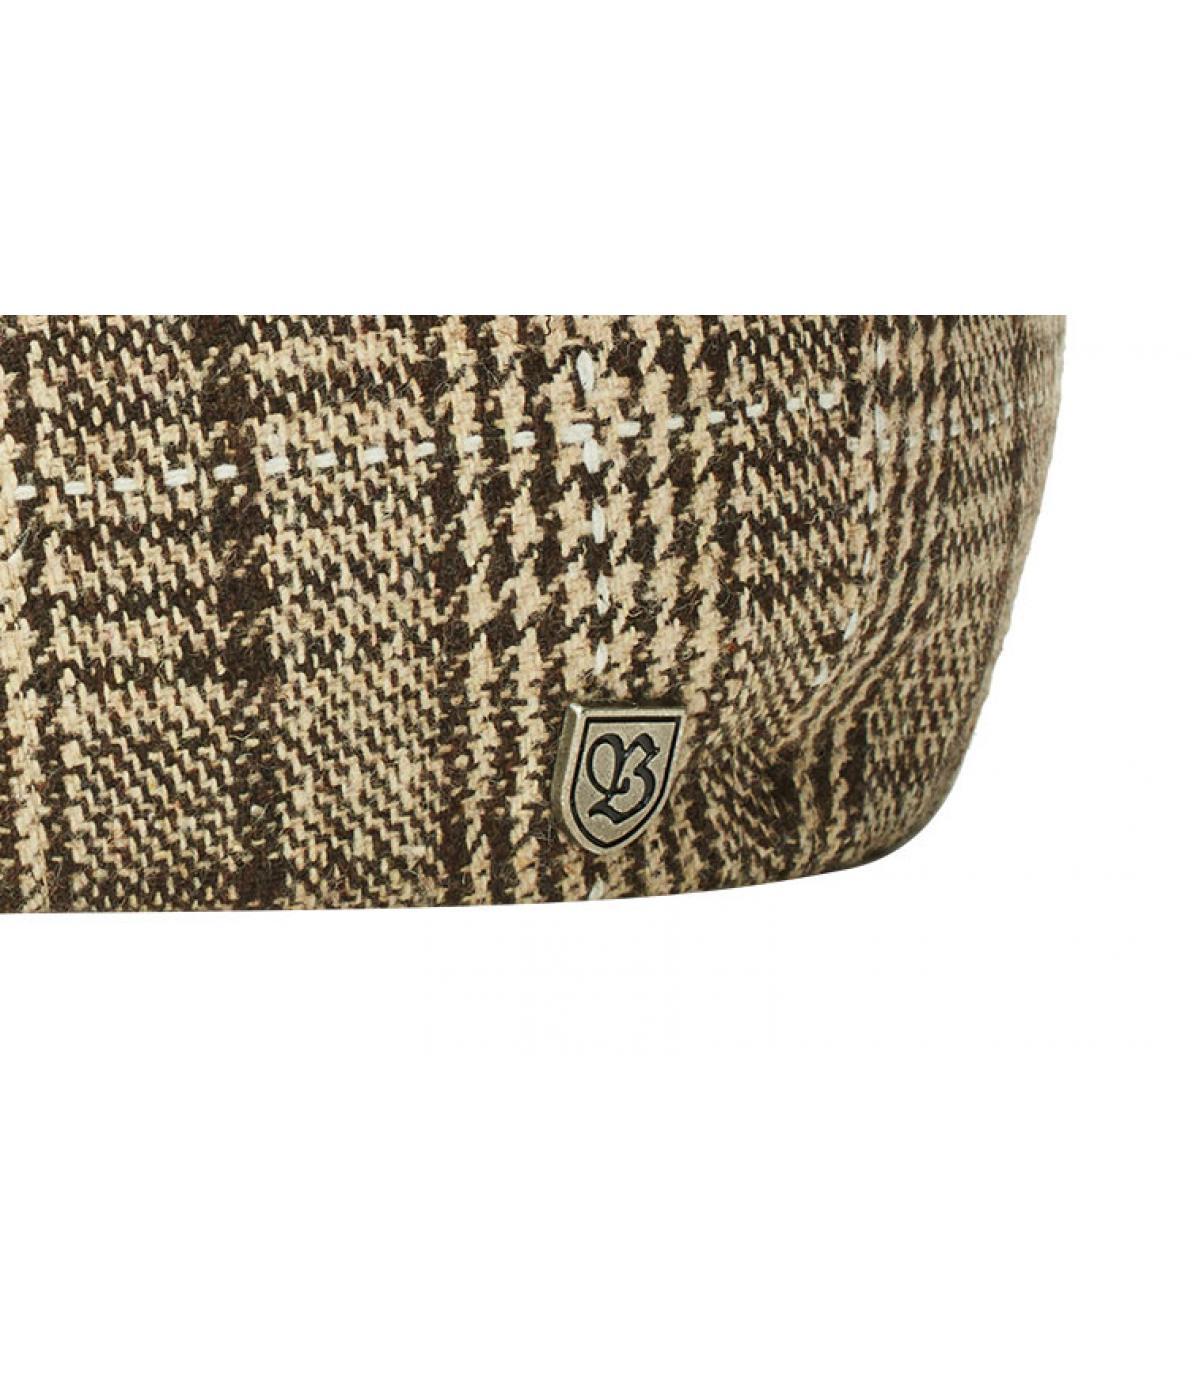 Details Brood taupe brown - afbeeling 3